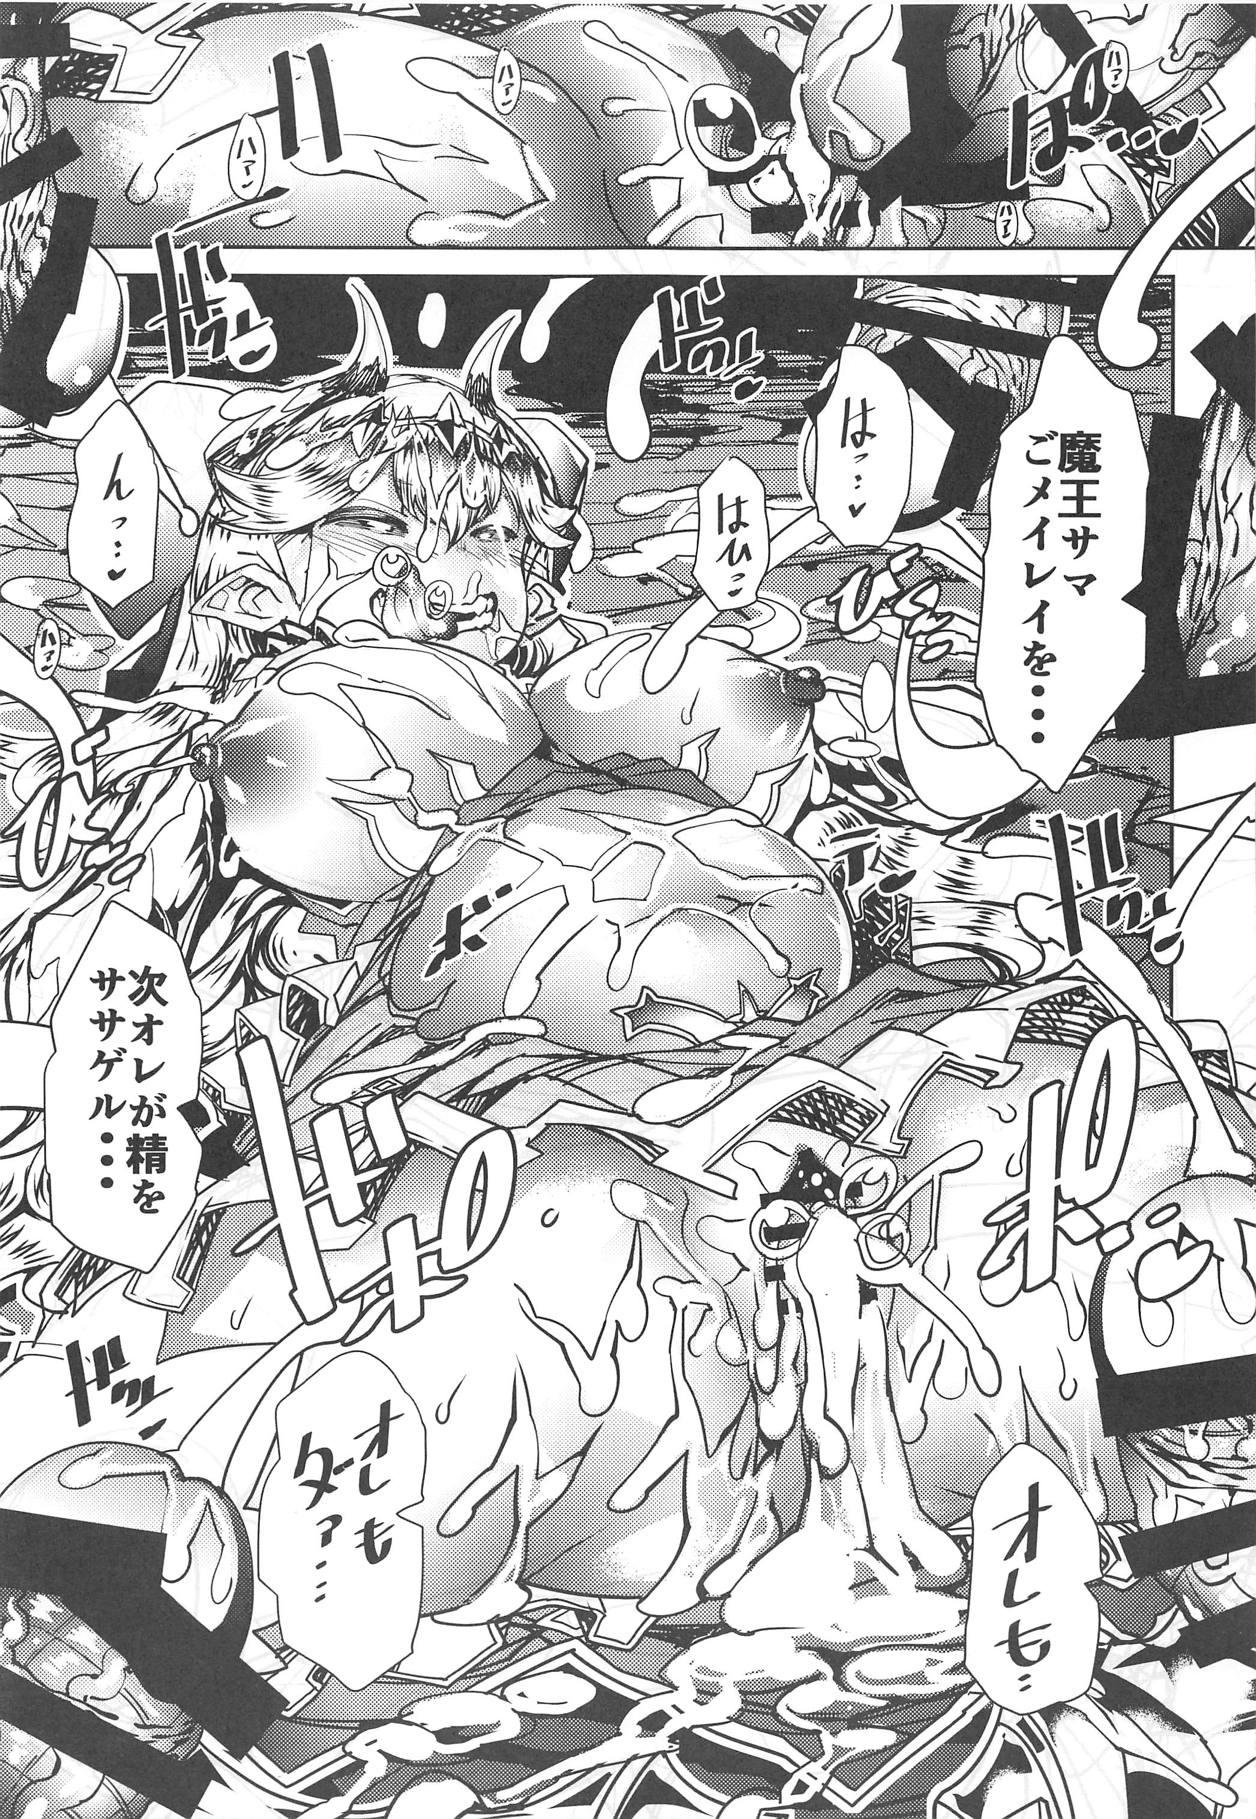 【エロ同人誌】(C95)男とセックスすることで腹を満たせるようになった女魔王ヴィスカ...部下の魔物たちと乱交しているうちに段々と形勢逆転され中出しされるだけのボテ腹肉便器へと堕ちるwww【あまぎみちひと:Queen Of Gluttony】